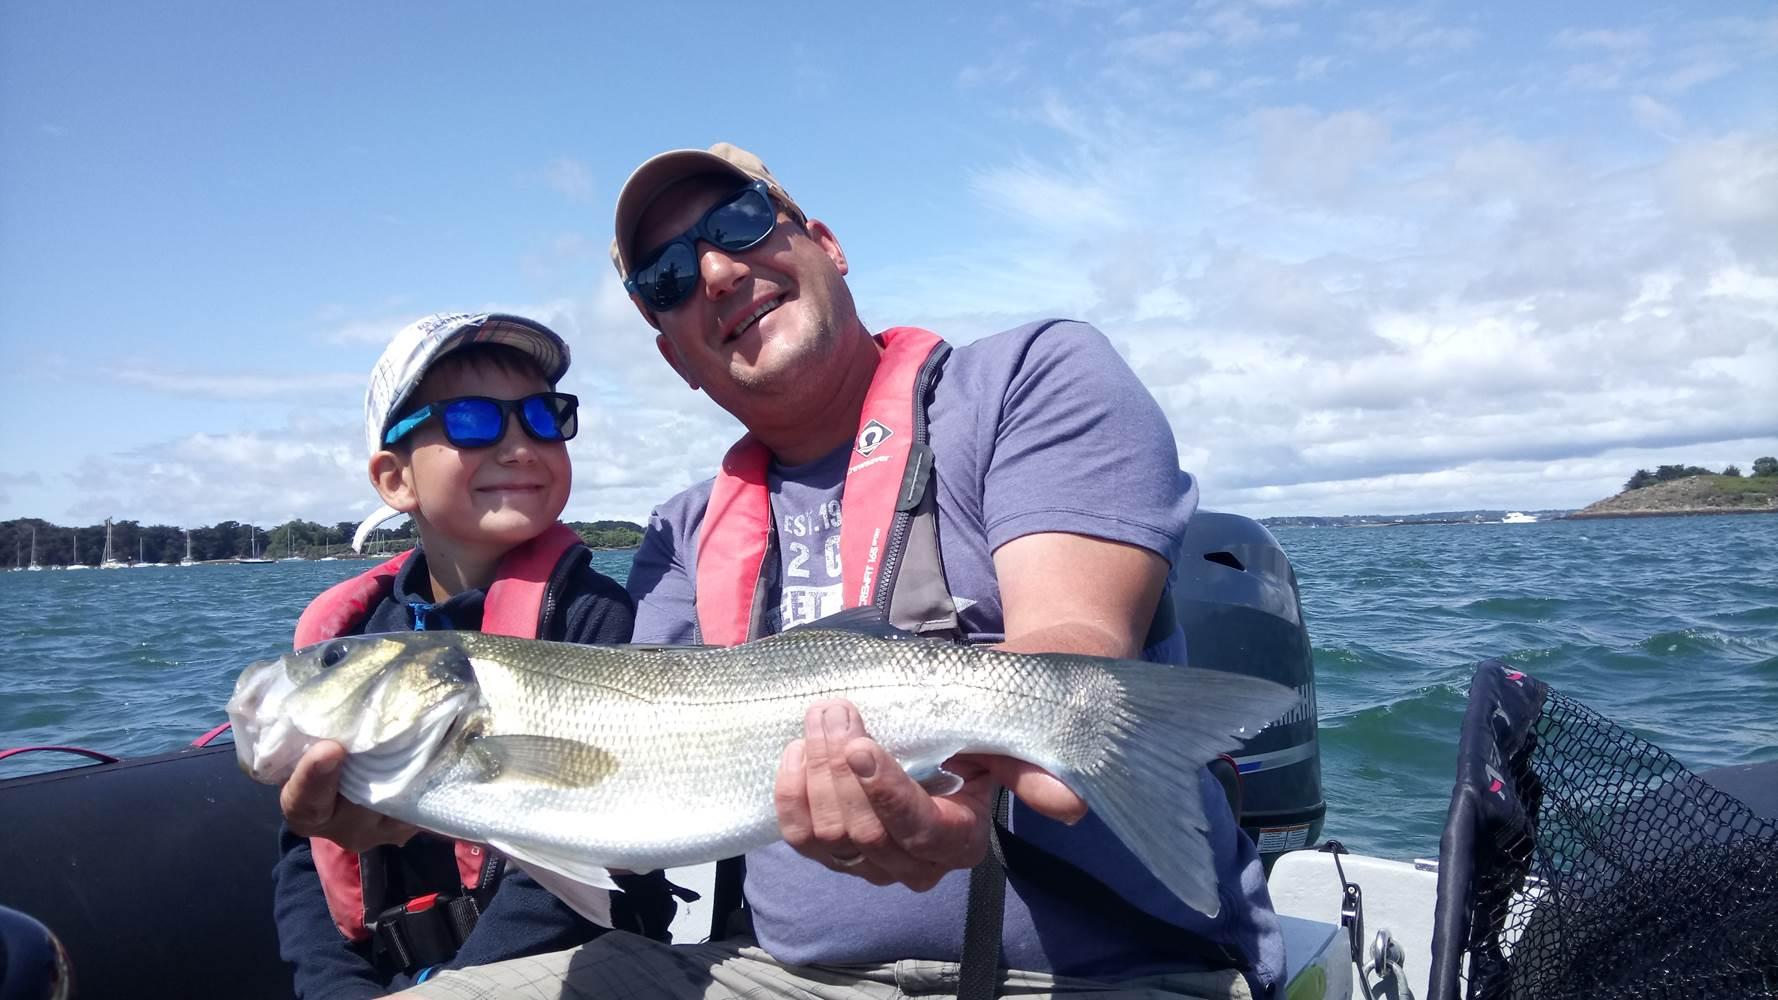 Sortie pêche en famille en bateau guidée par Mickaël RIO dans le Golfe du Morbihan ! ©